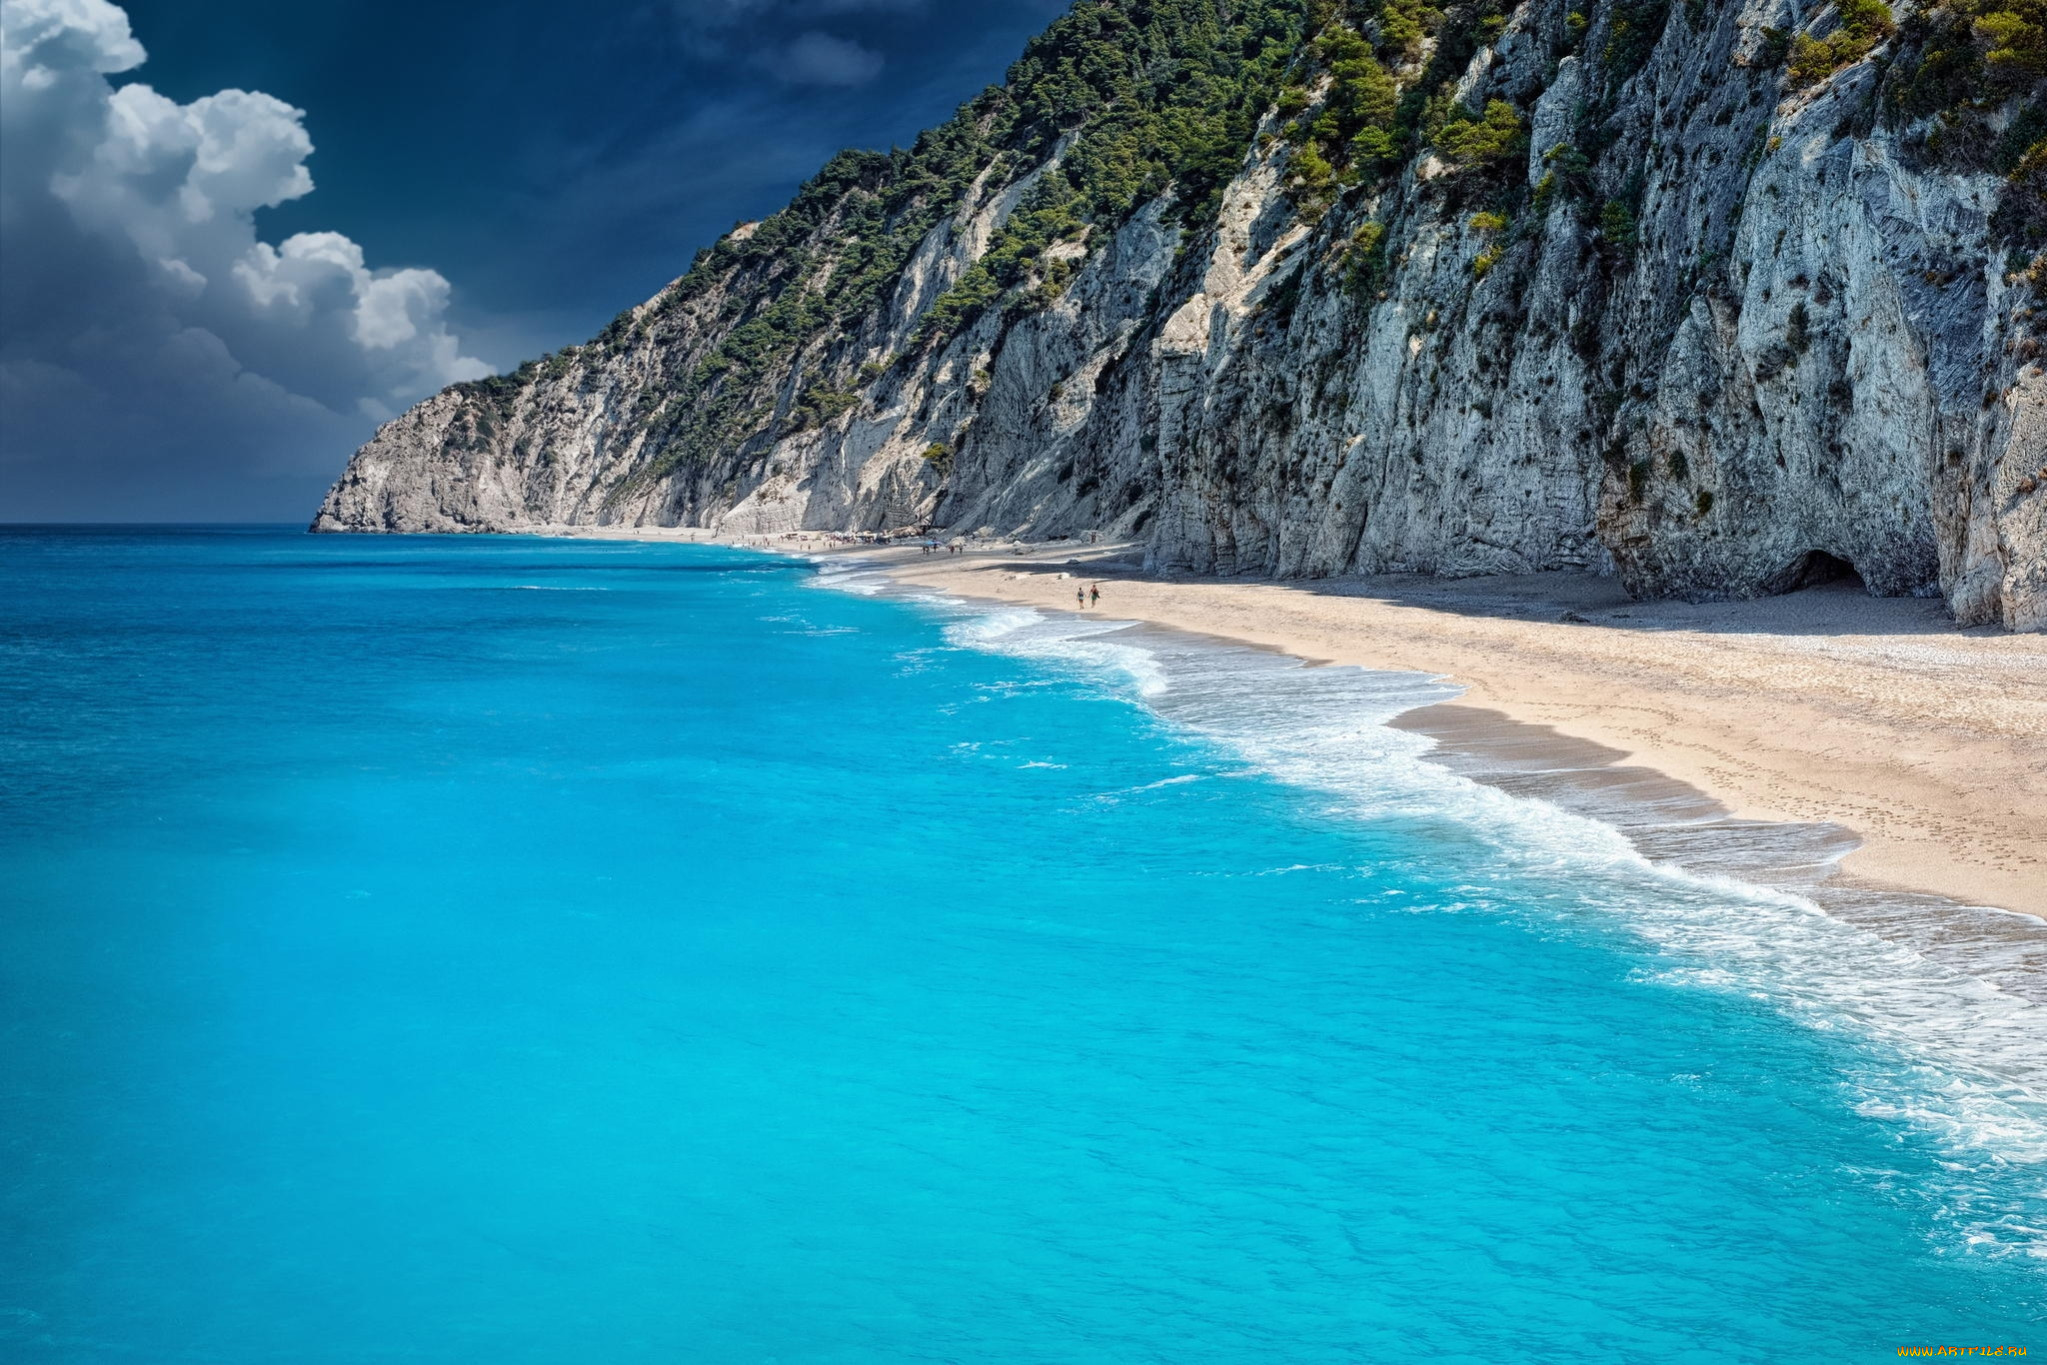 бесплатно фото море океан пляж зона чистая ухоженная